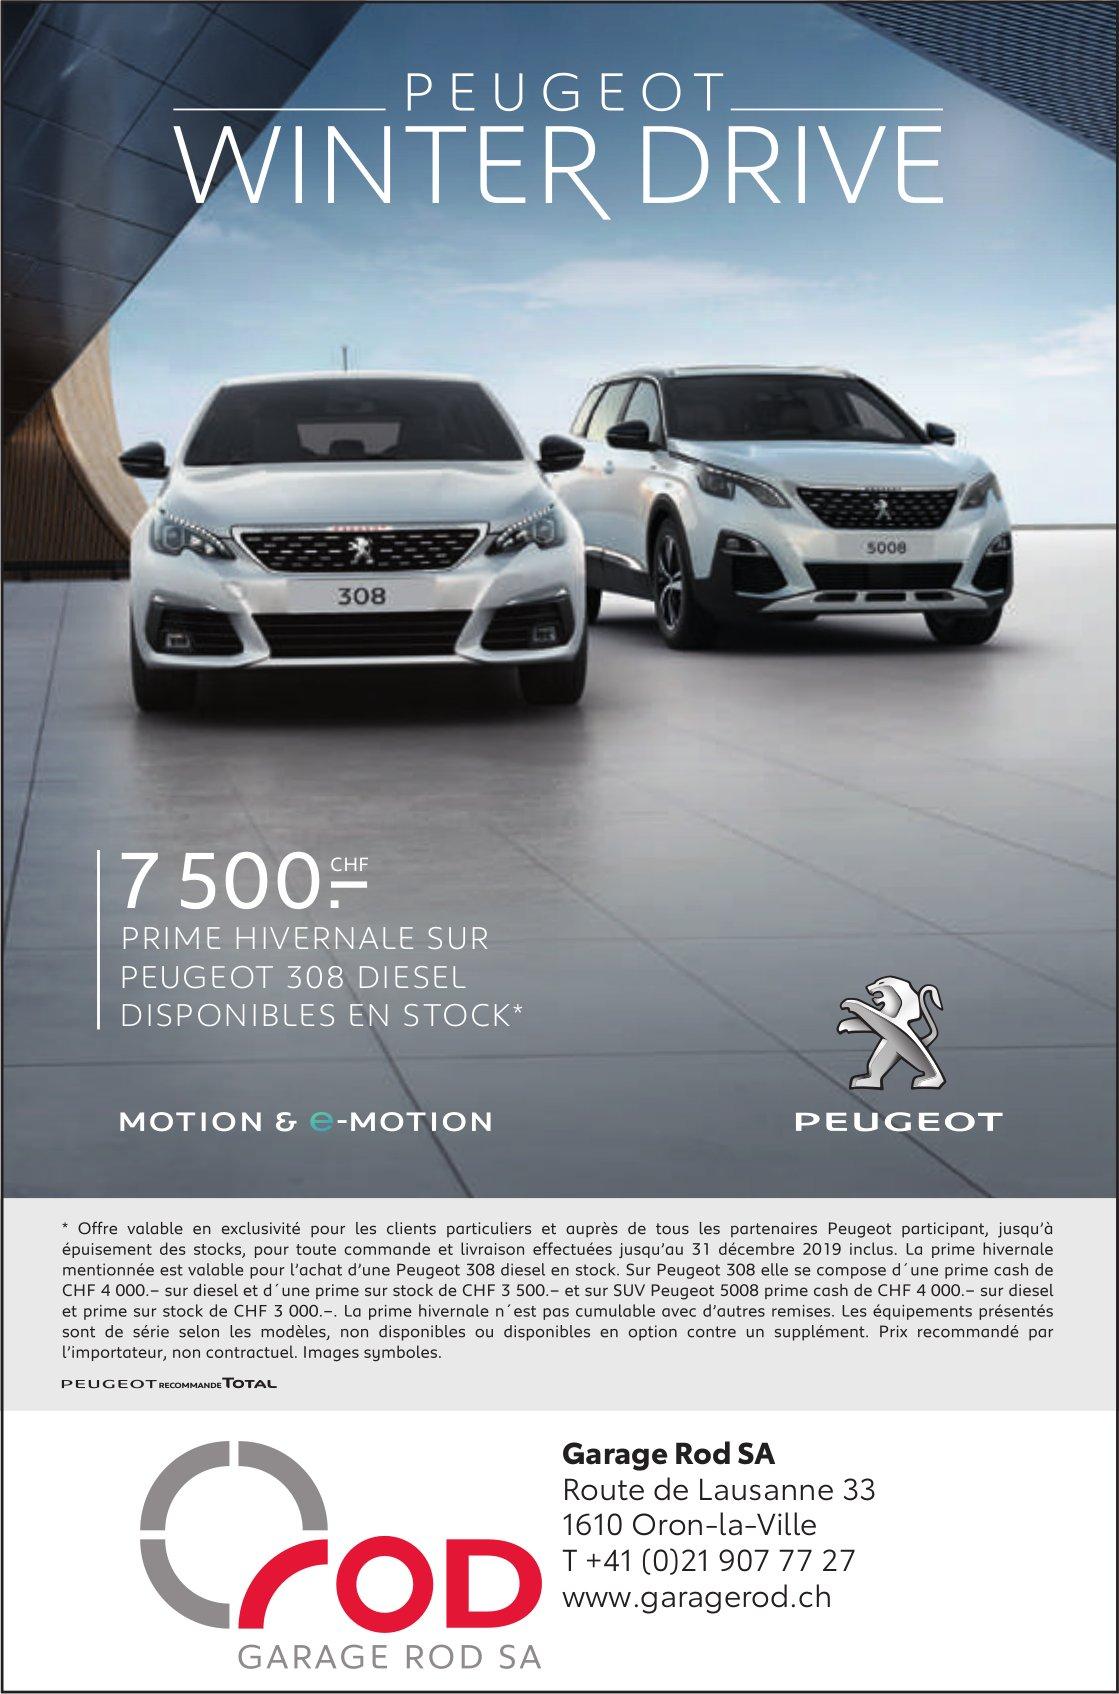 Garage Rod SA, Oron-la-Ville, 7 500.- prime hivernale sur Peugeot